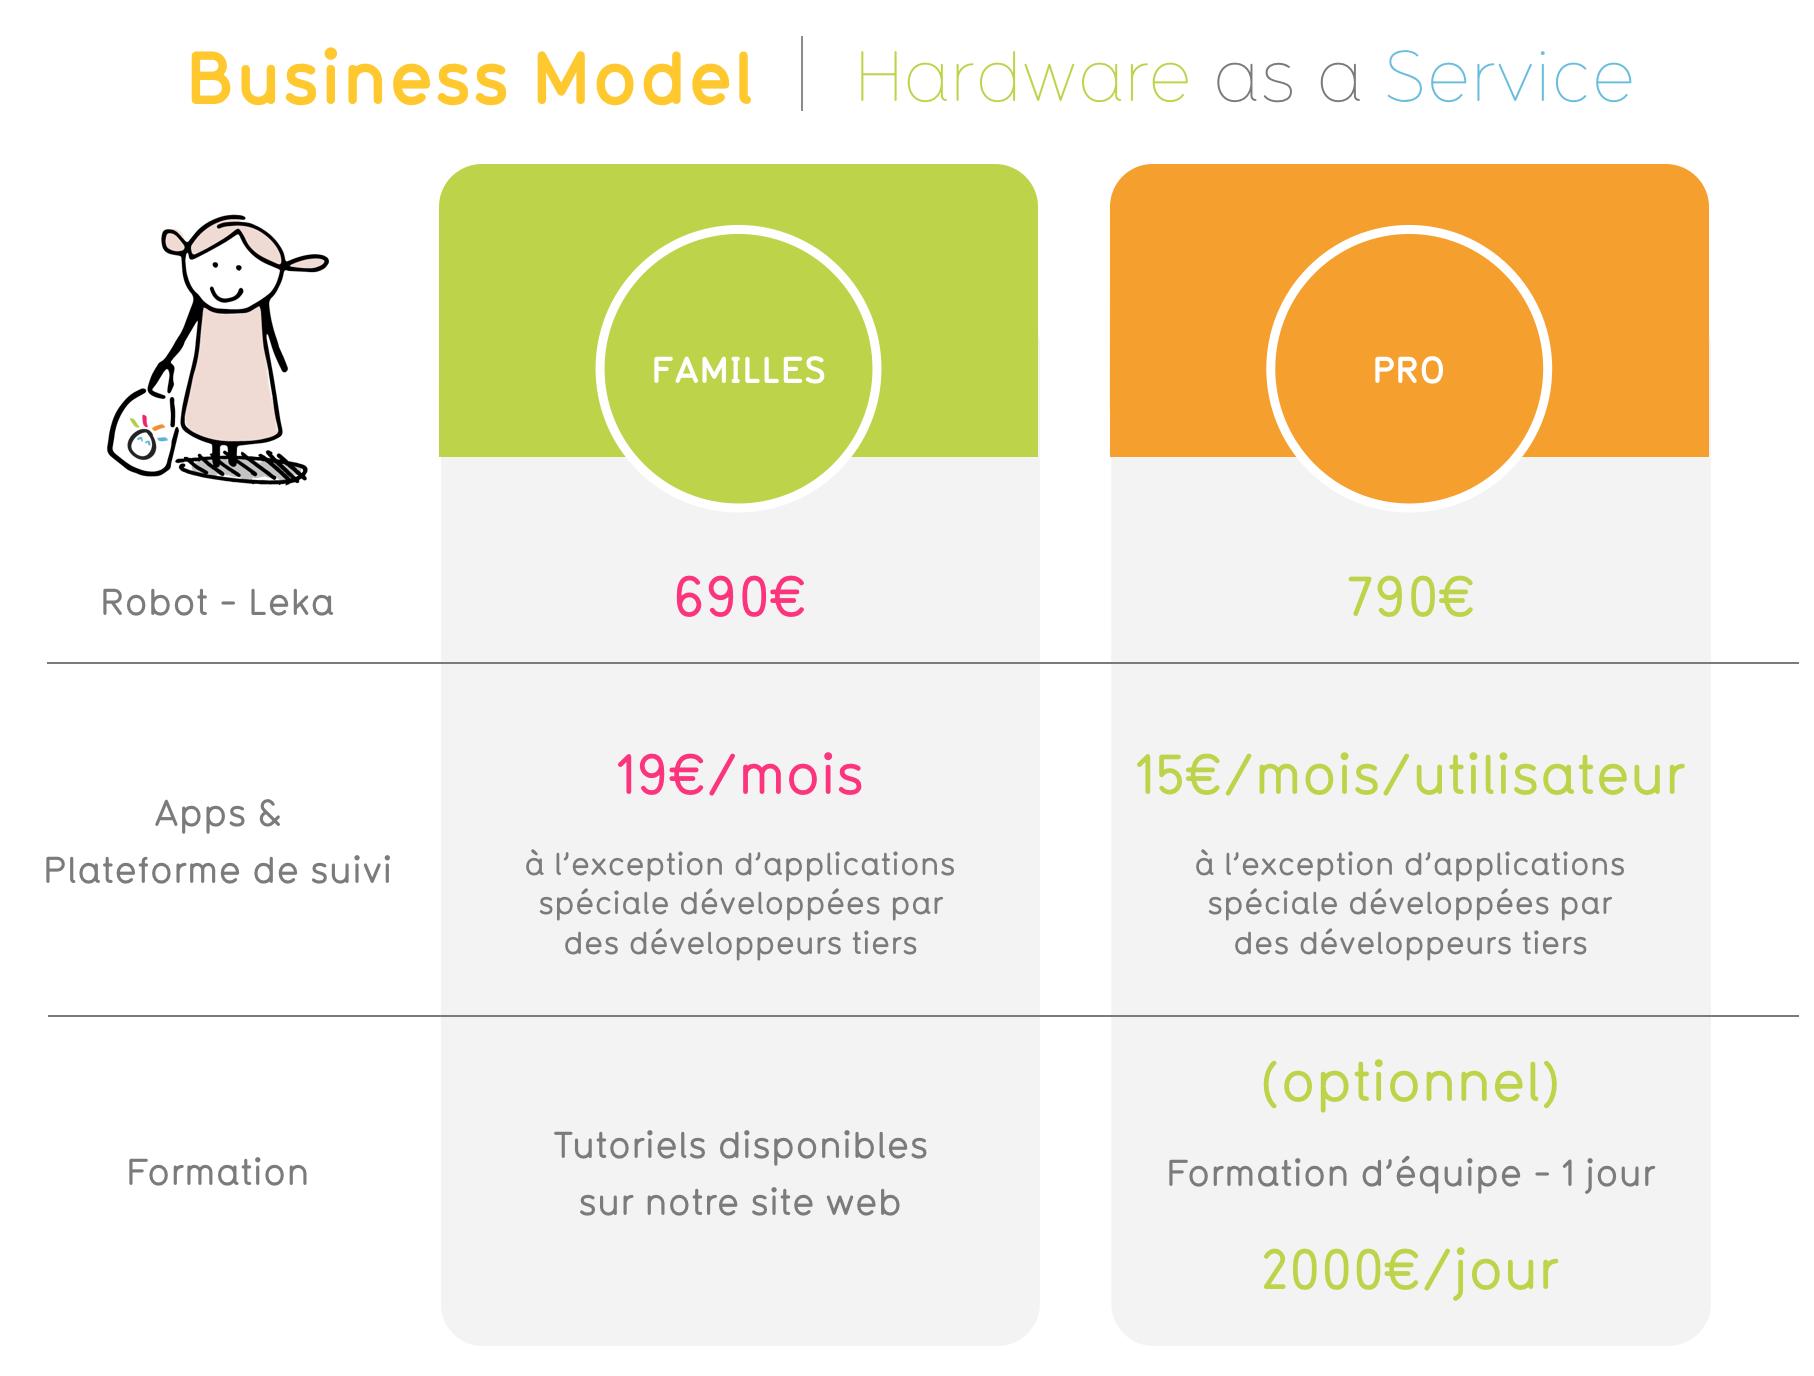 Le business model